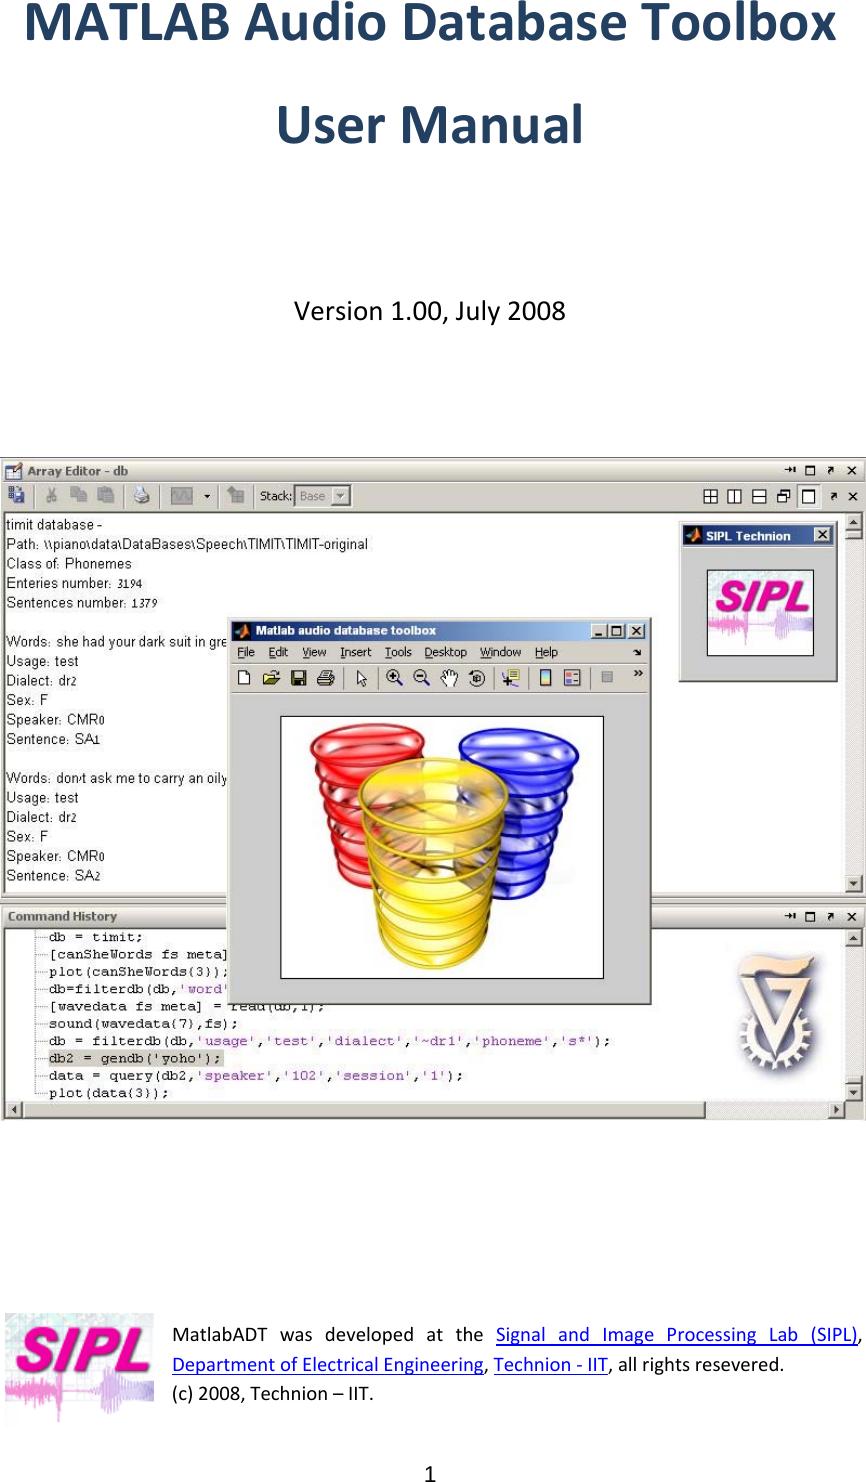 matlab user manual